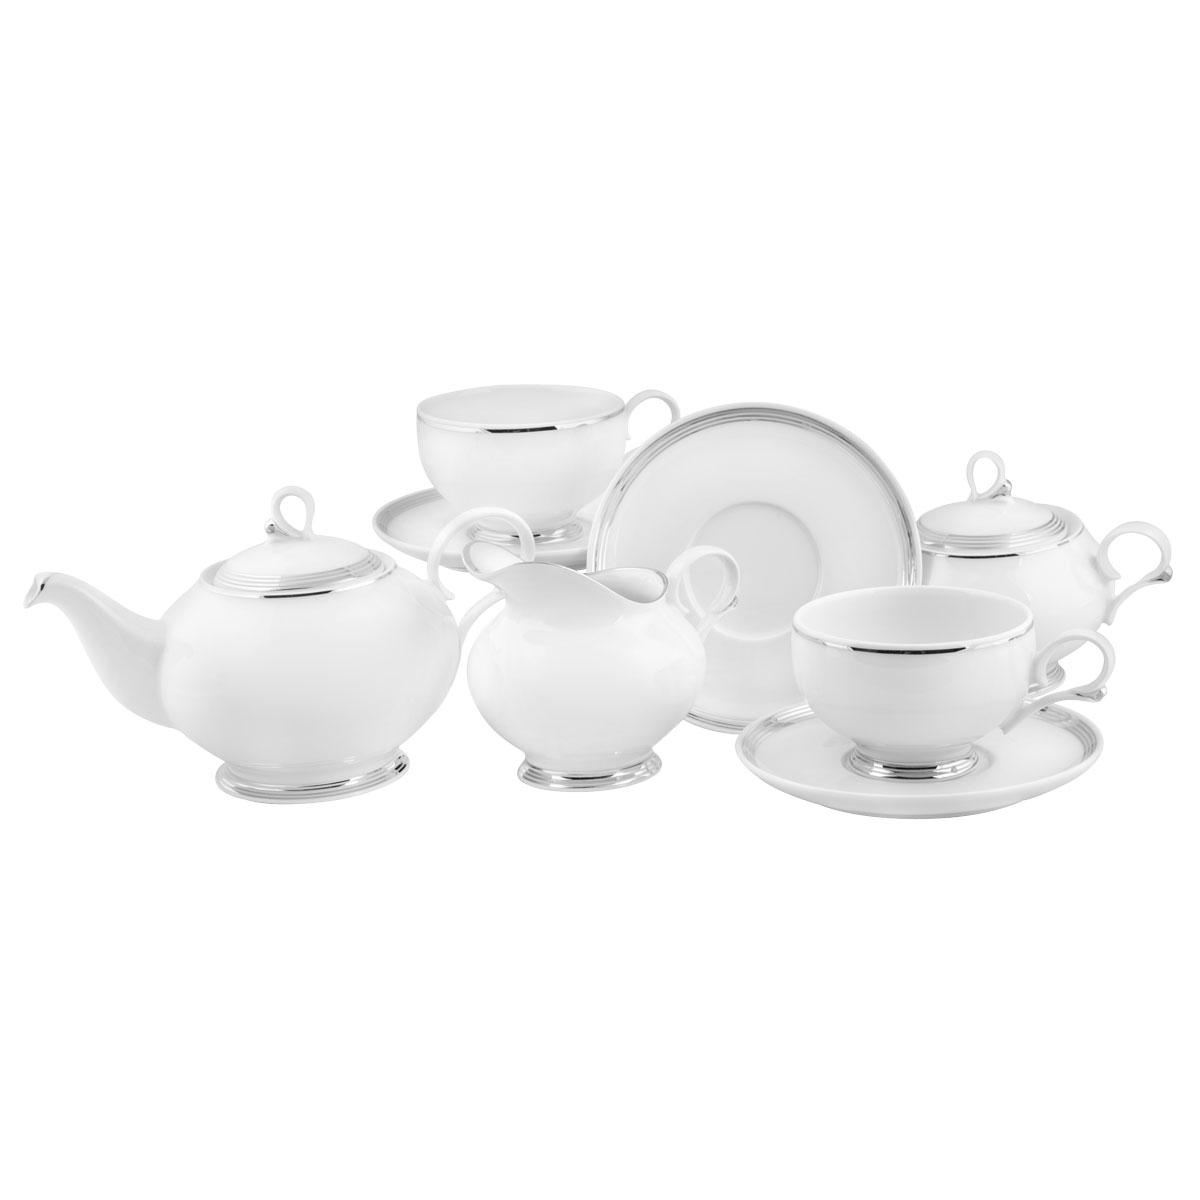 Сервиз чайный Башфарфор Серебряная нить, 15 предметовСЧН 34.15.01.Ж125Сервиз чайный из белого фарфора рассчитан на 6 персон. Тонкий белый фарфор украшен серебрянным орнаментом. Удобная, практичная, легкая посуда, подходит и для особых случаев и на каждый день.В состав набора входит: чашка 250мл 6 шт, блюдце 14,5см 6 шт, сахарница 300мл 1шт, чайник 600мл 1 шт, Молочник 250мл 1шт.